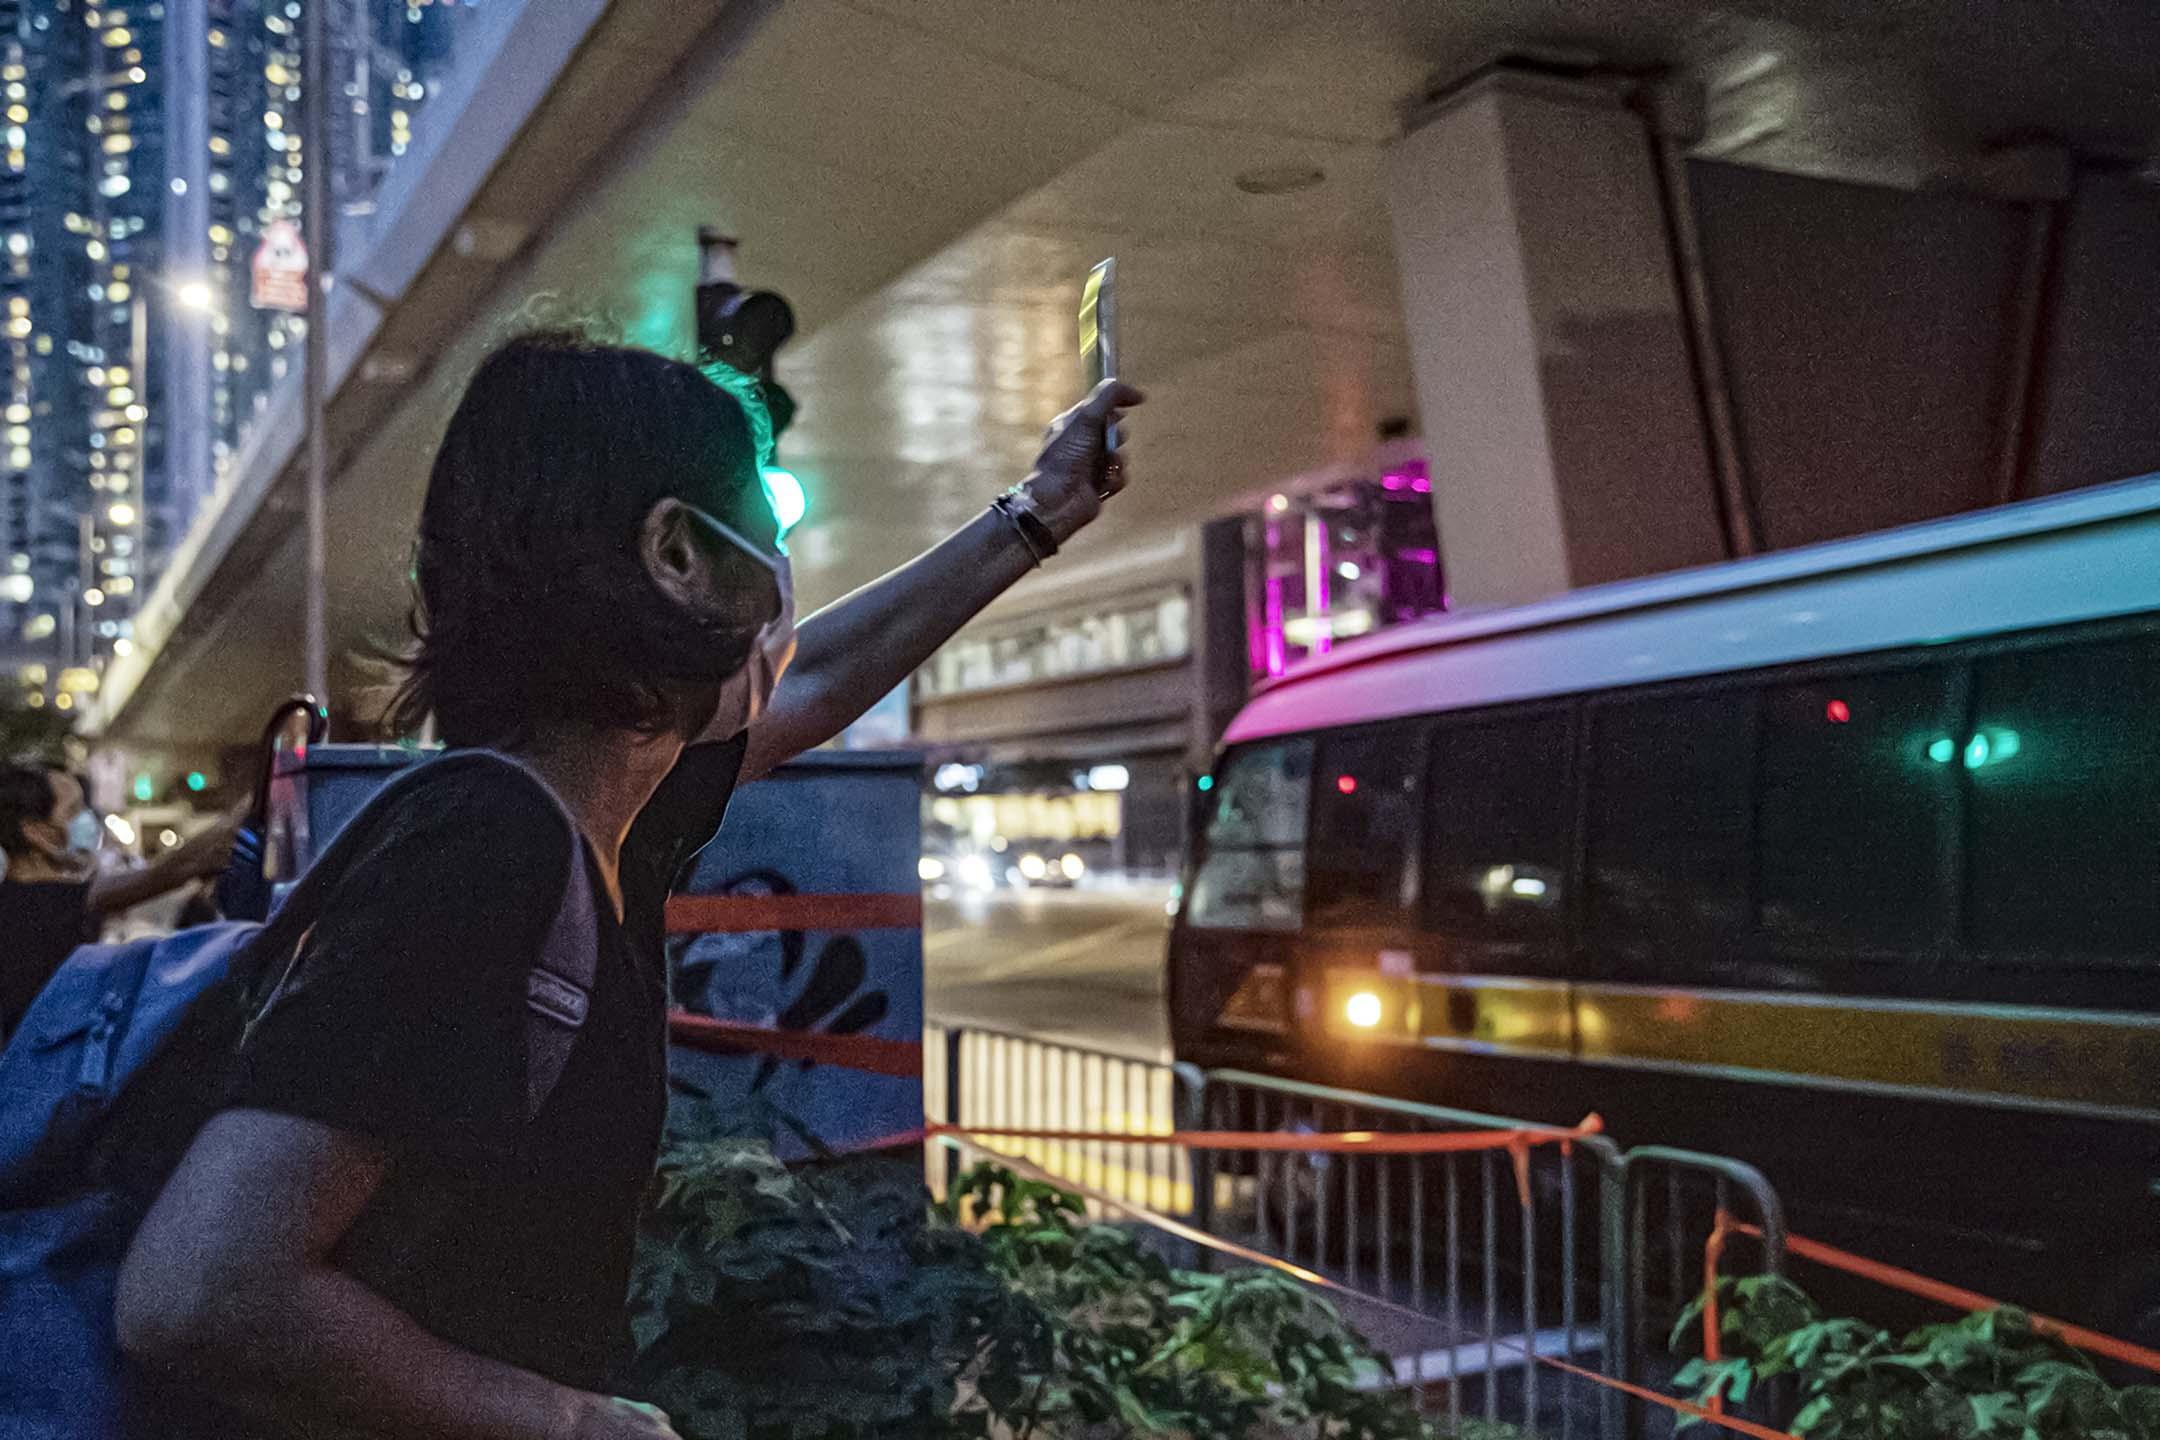 2021年5月28日西九龍裁判法院,支持者送別囚車,車上疑是2020年立法會選舉民主派初選而被告的參選人。